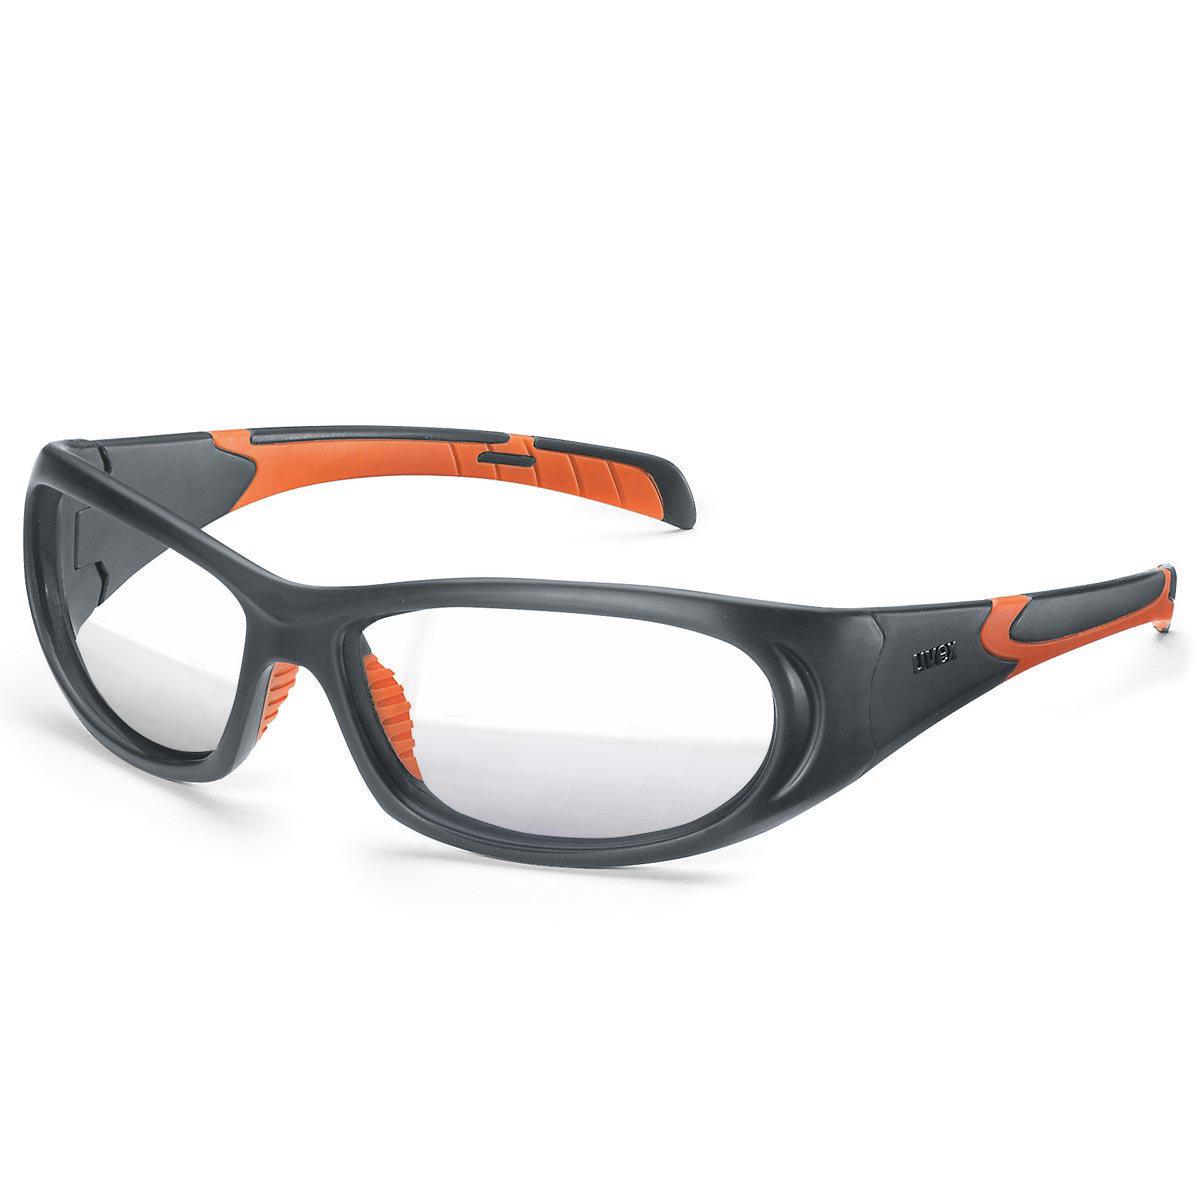 Uvex Korrektionsschutzbrille RX sp 5510 - Super-Entspiegelung